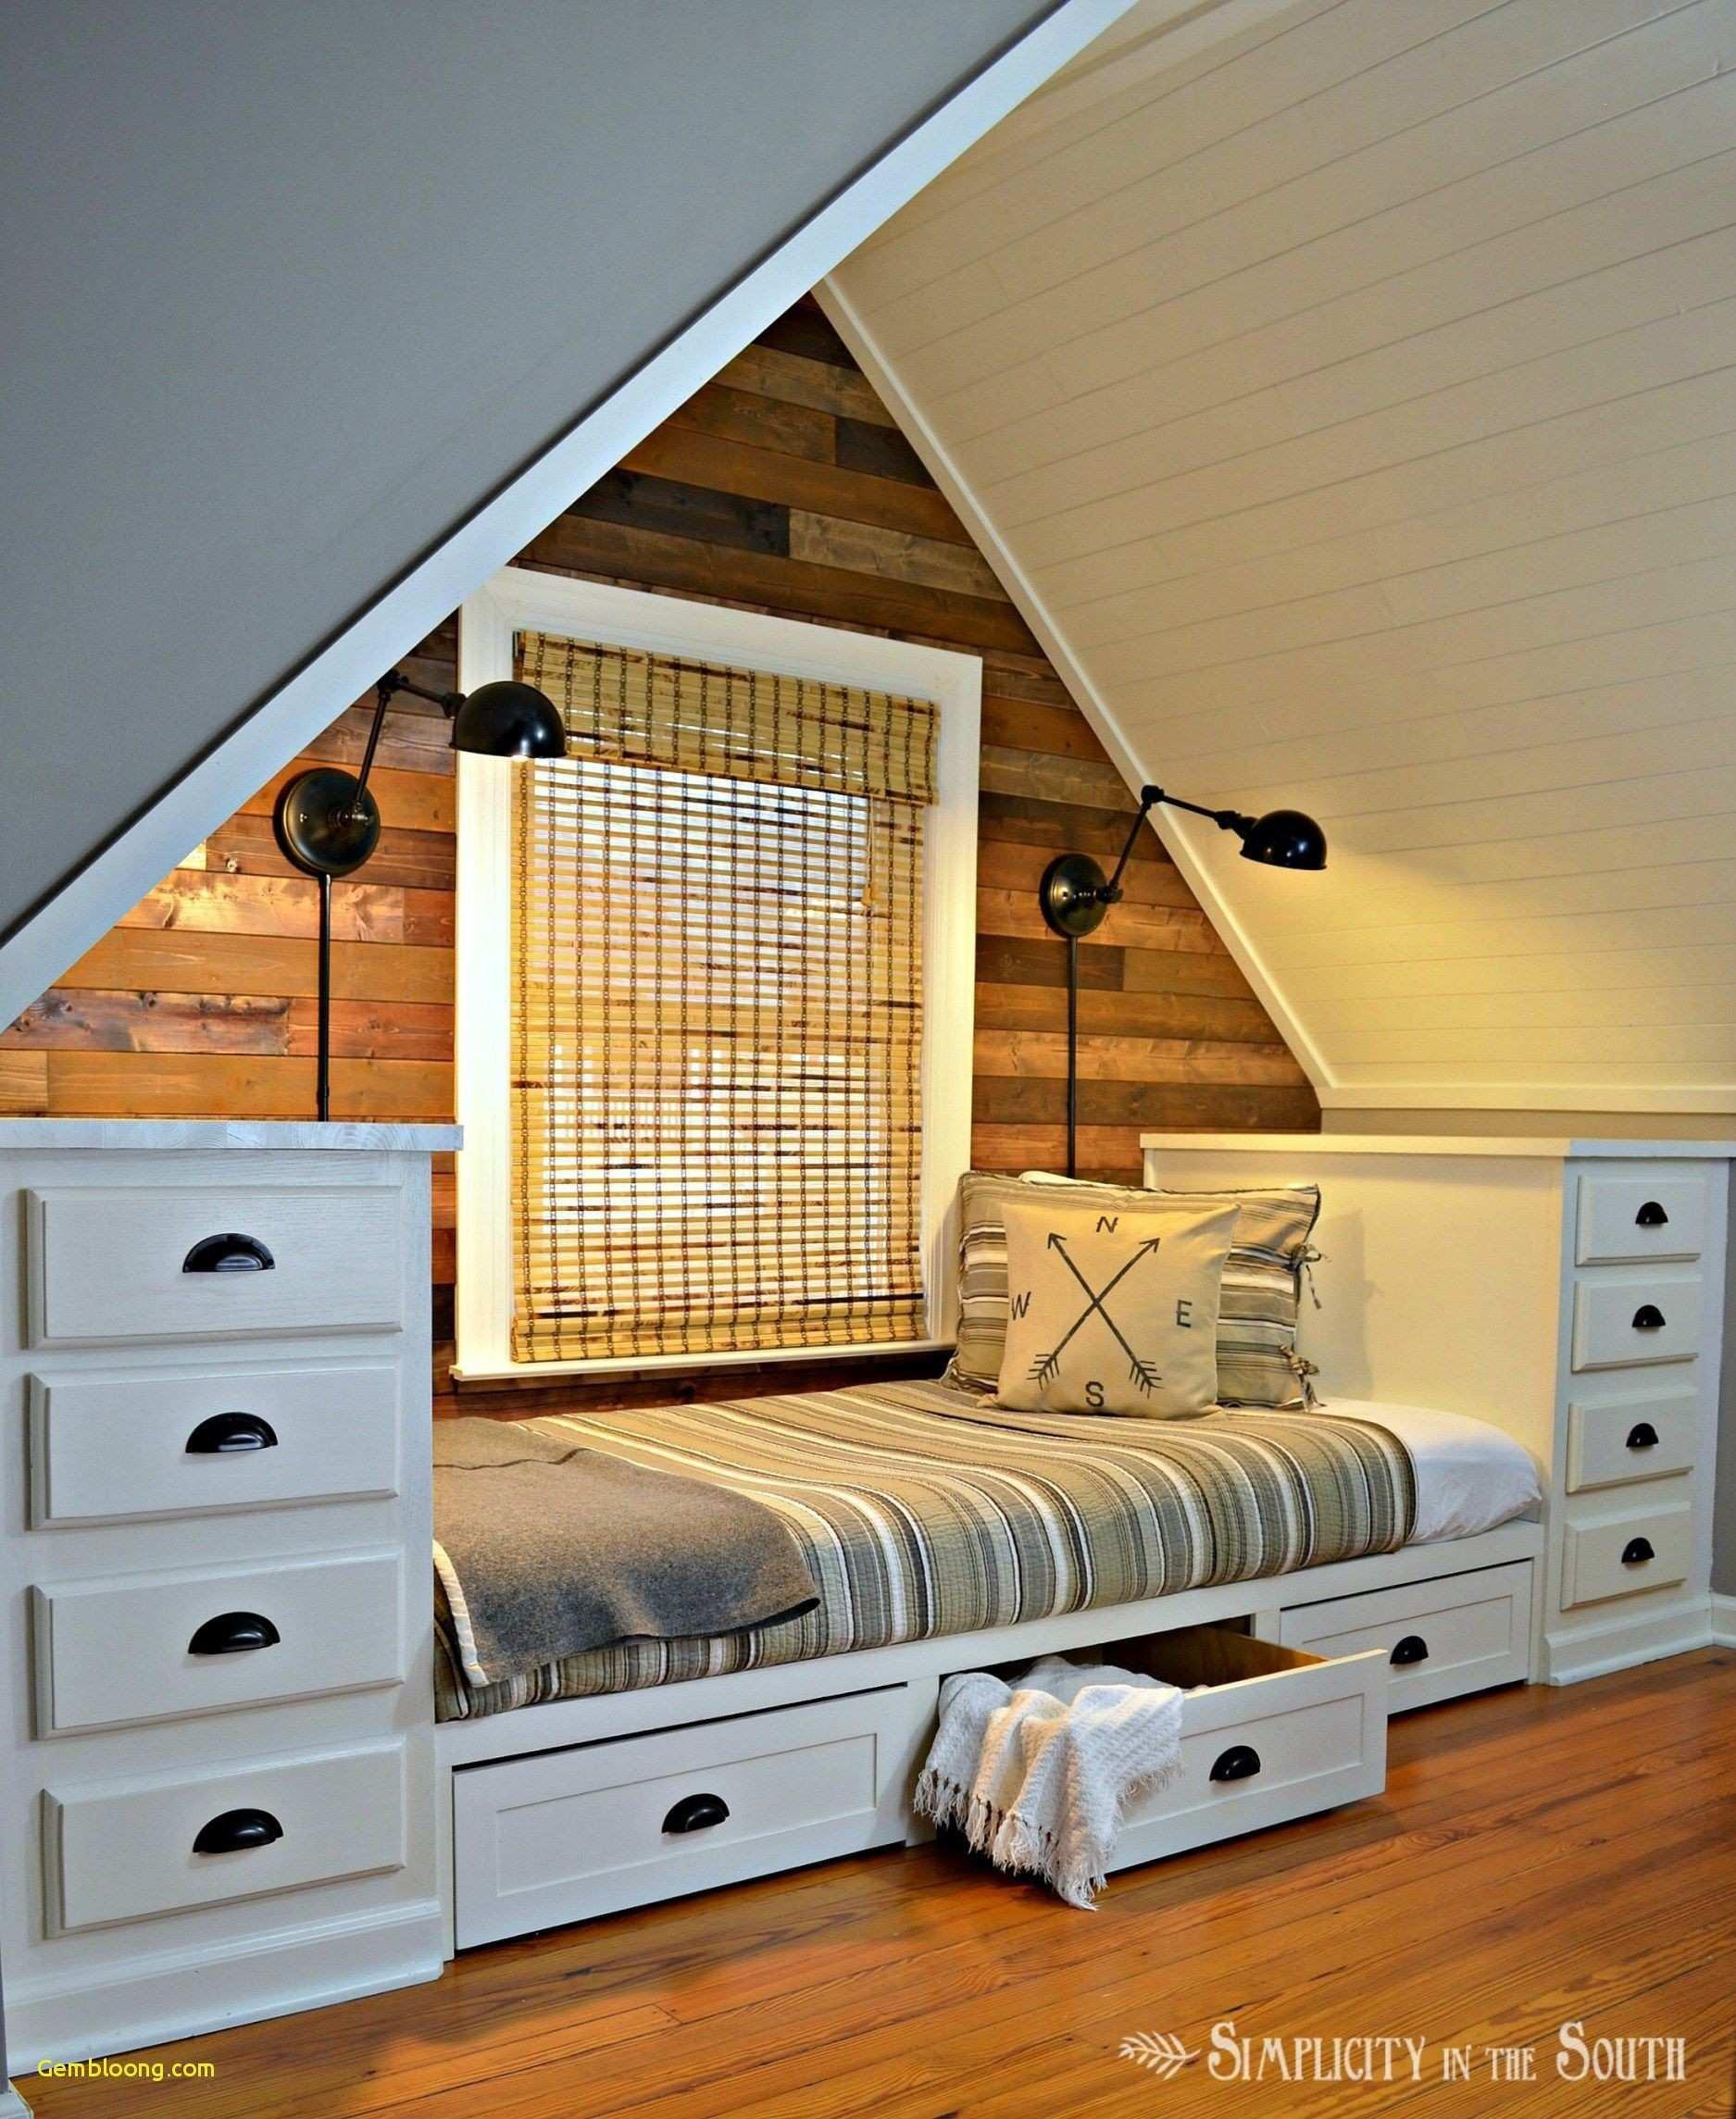 Best Place to Buy Bedroom Furniture Inspirational 13 Amazing Grey Hardwood Floors Bedroom